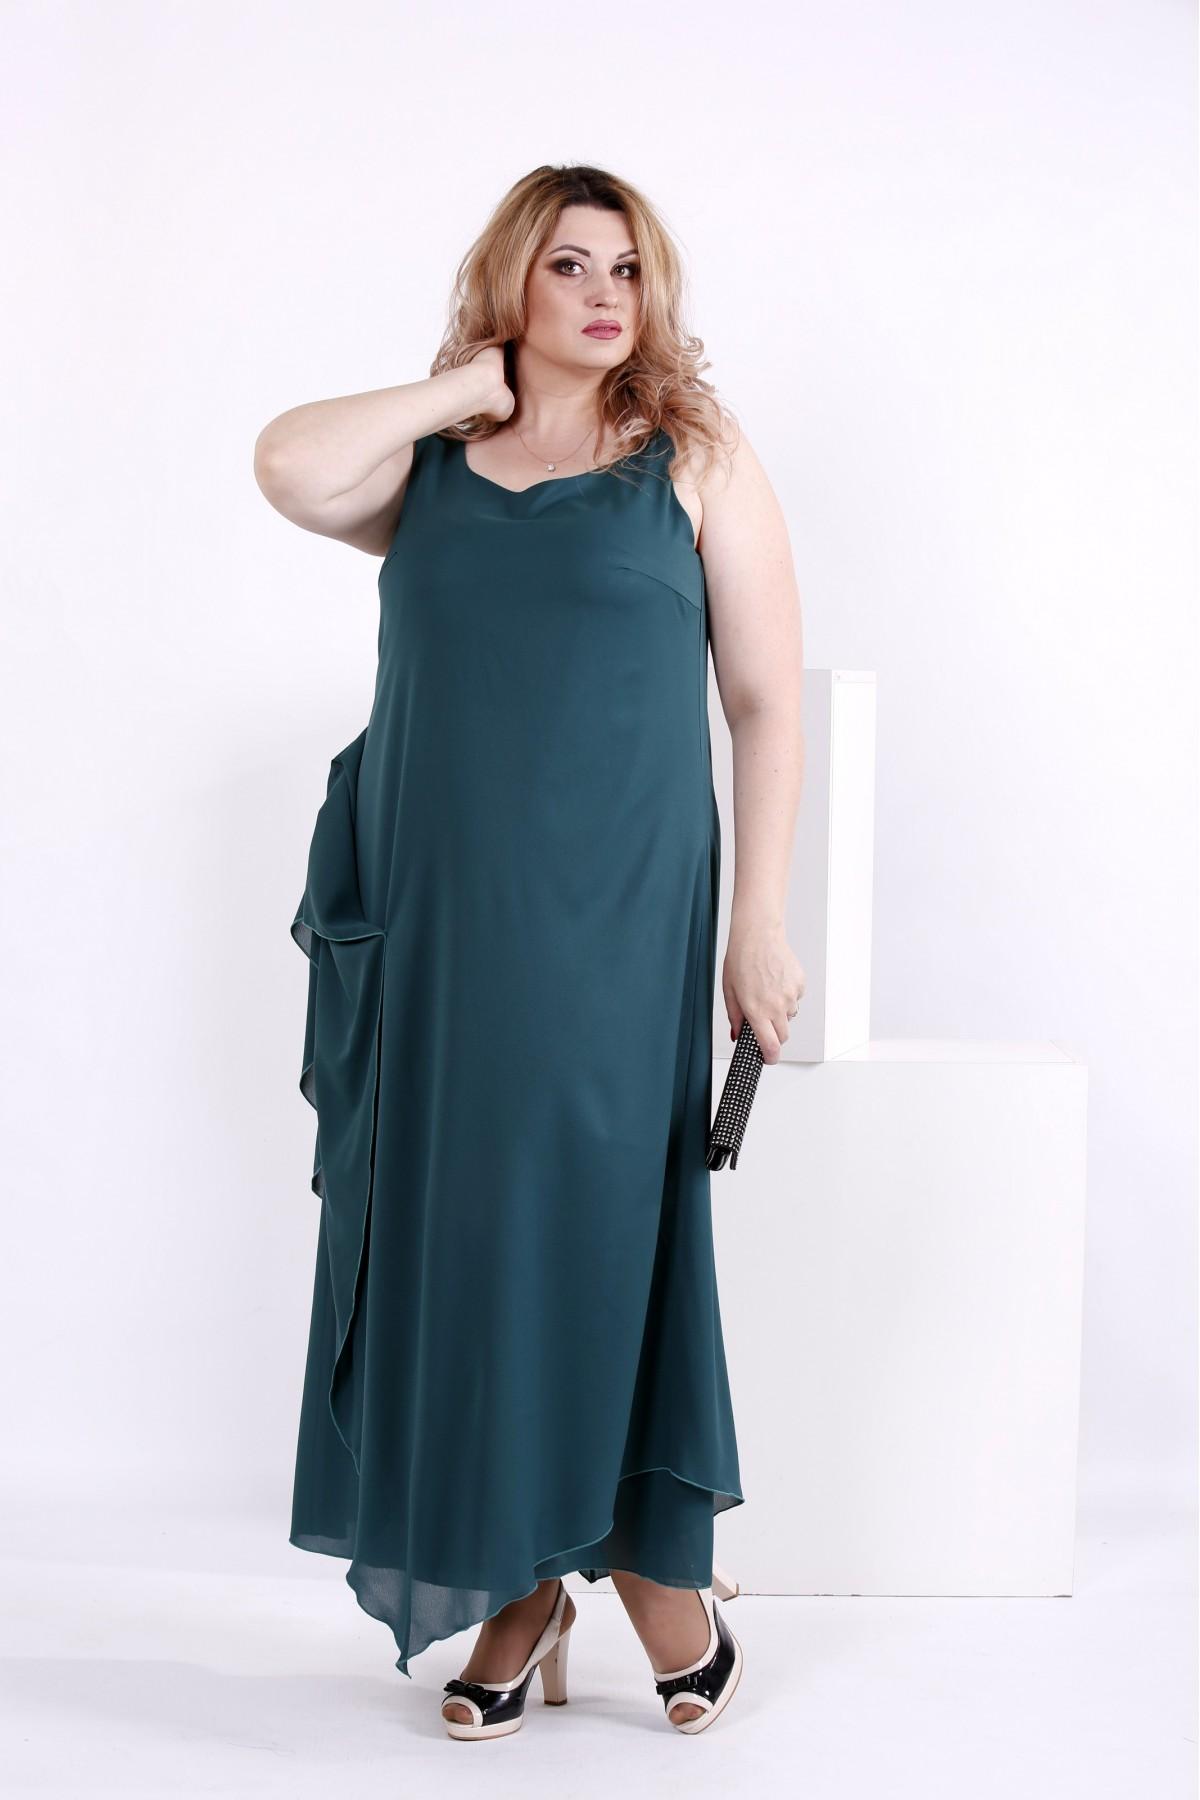 Зеленое длинное шифоновое платье | 0843-1